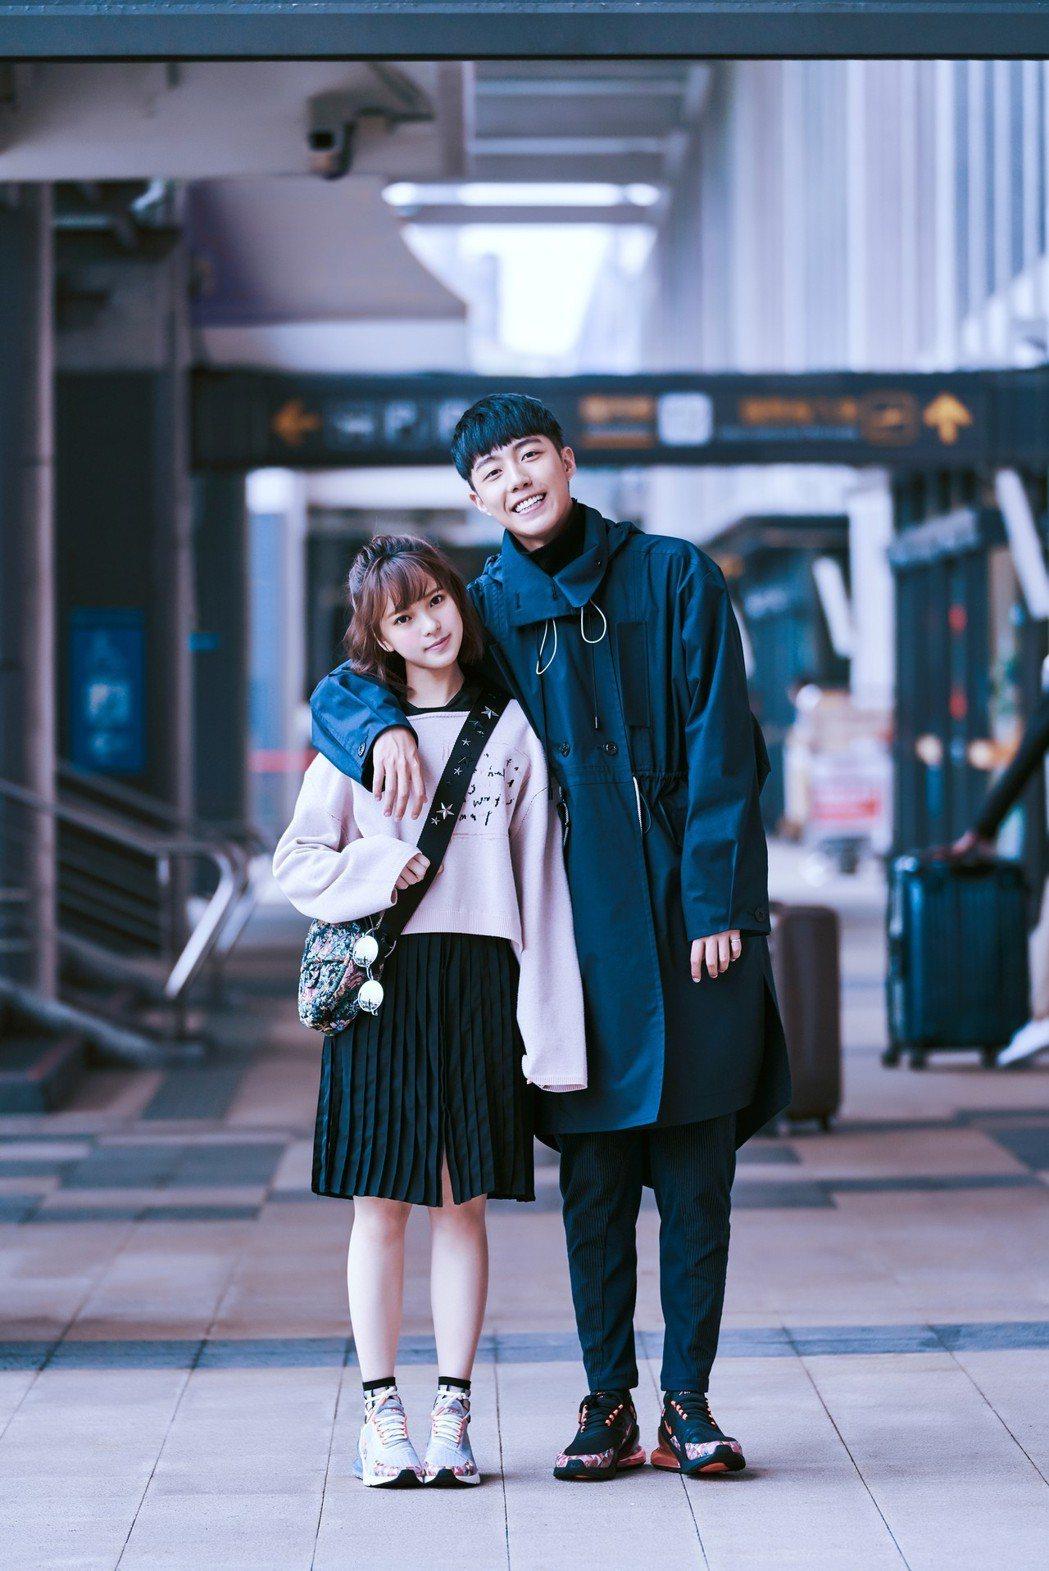 蔡凡熙(右)、項婕如情人節甜飛倫敦。圖/群星瑞智提供